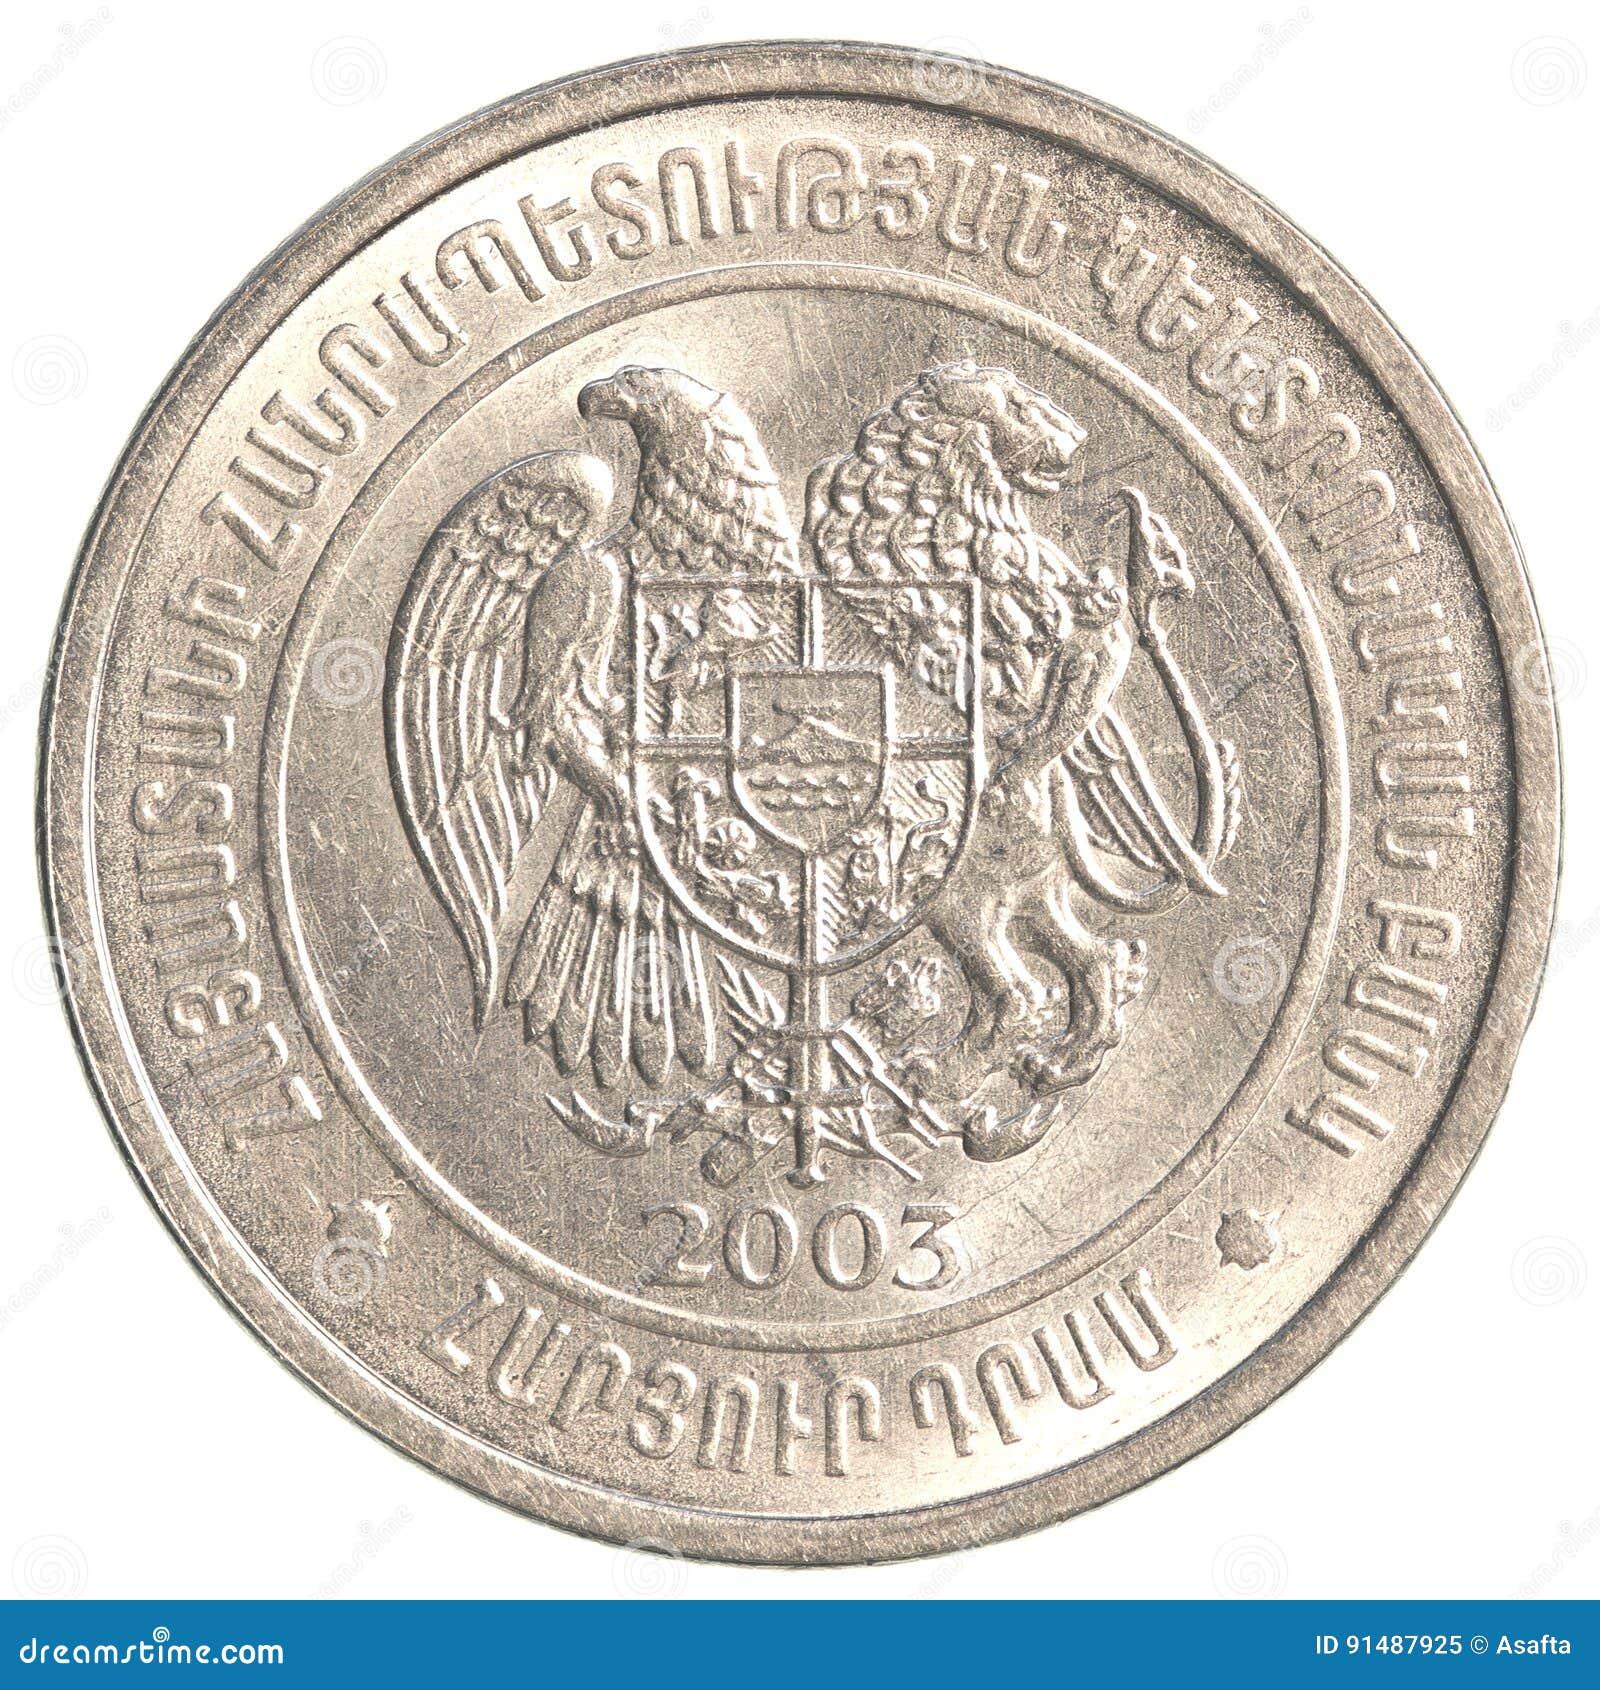 100 Armenian dollars coin